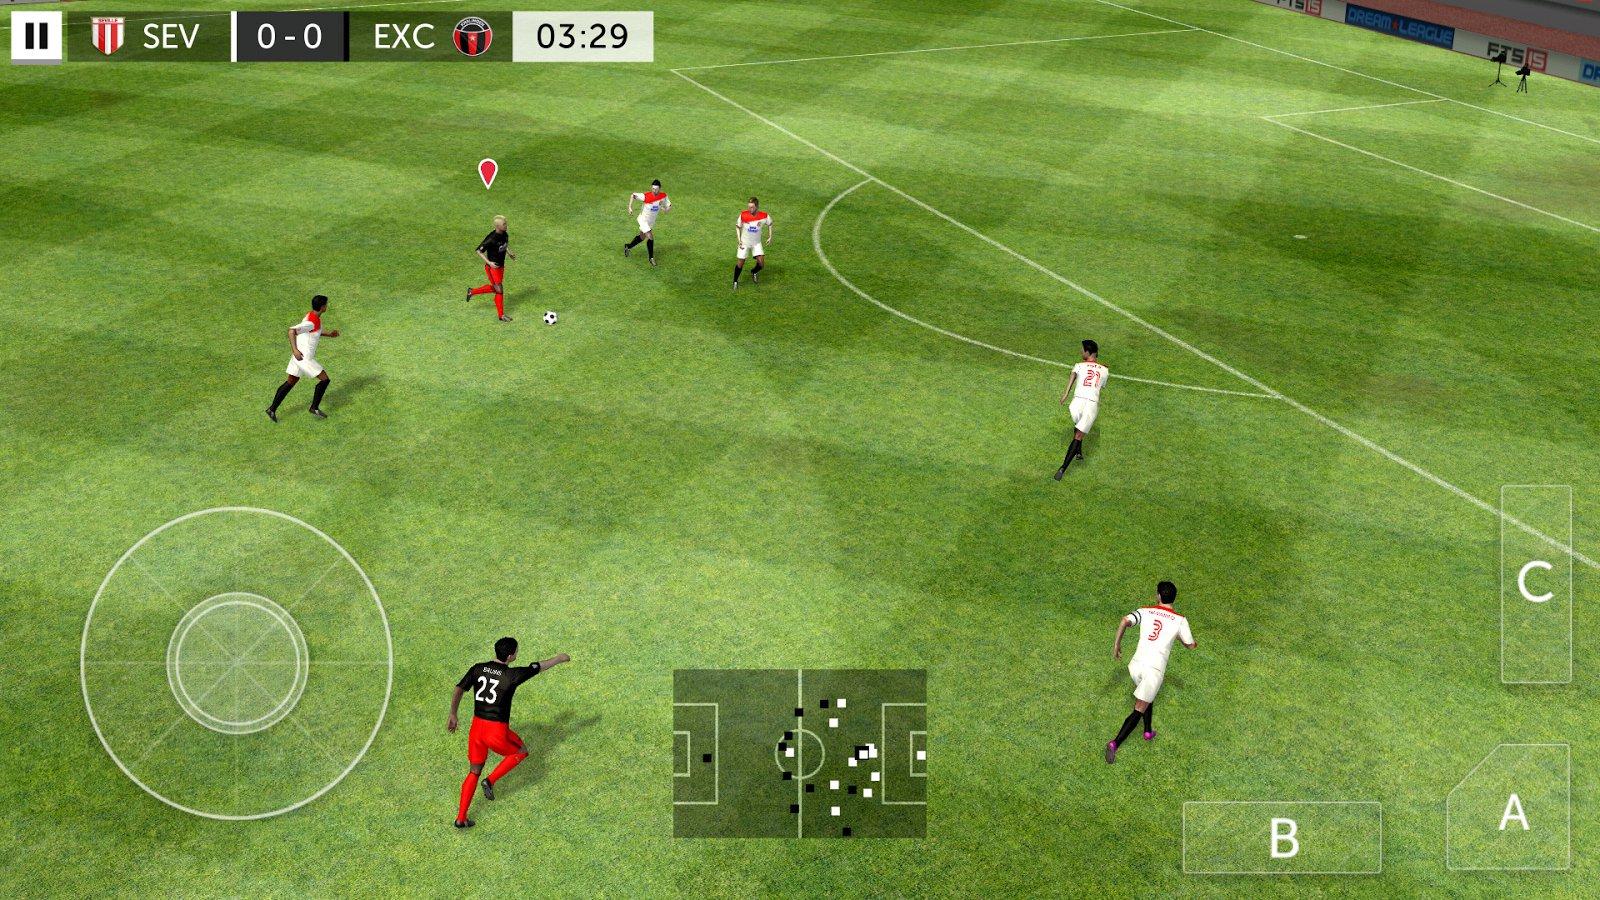 First Touch Soccer 2015 2.09 - Télécharger Pour Android Apk destiné Jeux Foot Tablette